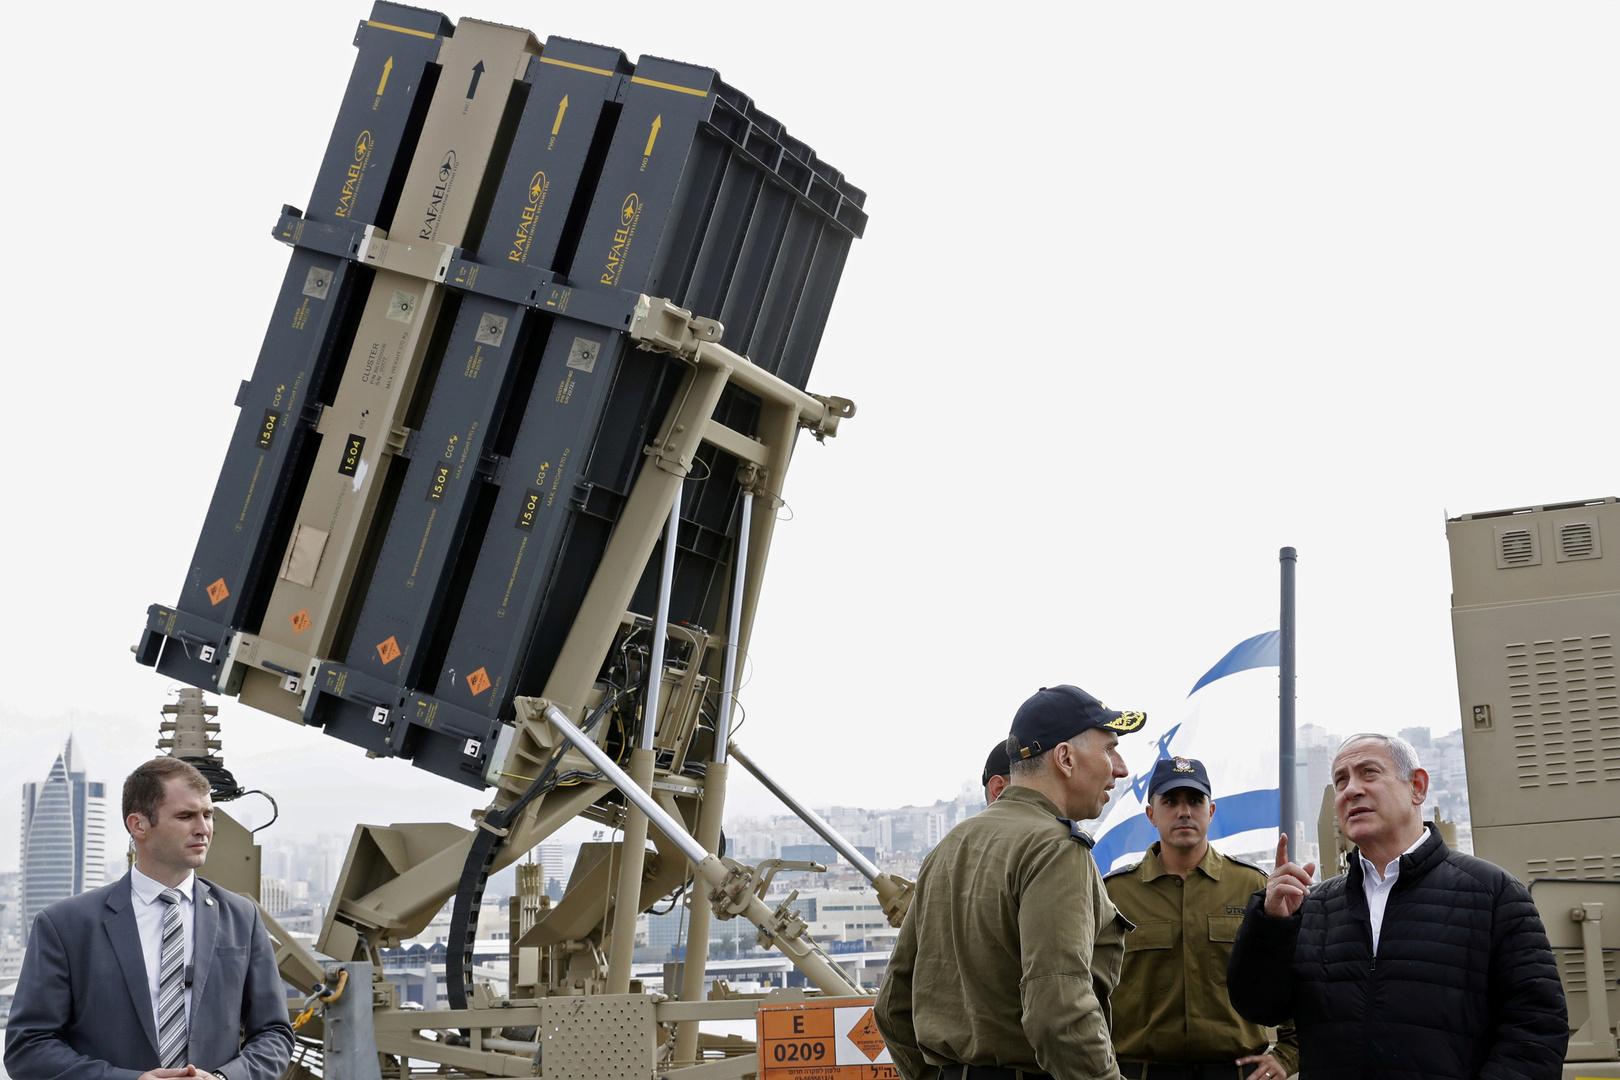 إسرائيل تسلم الجيش الأمريكي منظومة ثانية من